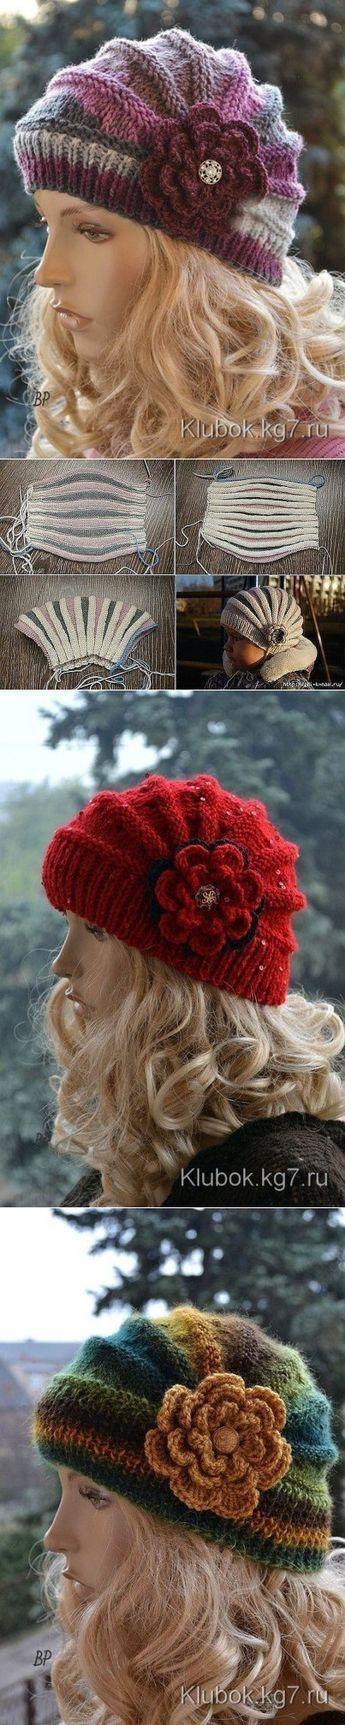 шляпы #bonnets